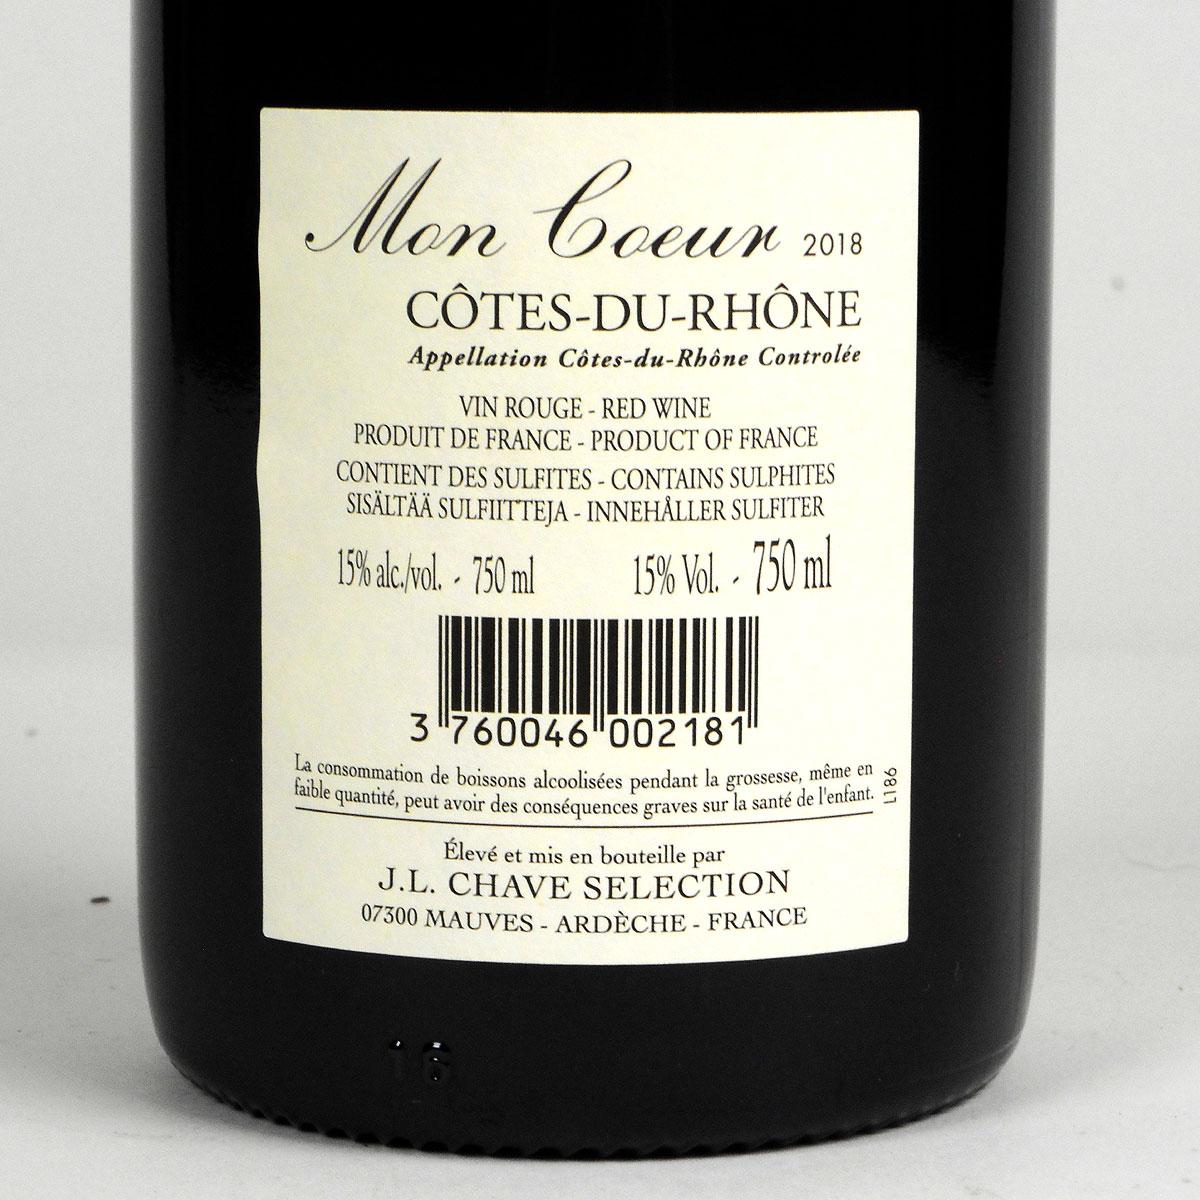 Côtes du Rhône: Jean-Louis Chave Sélection 'Mon Coeur' 2018 - Bottle Rear Label